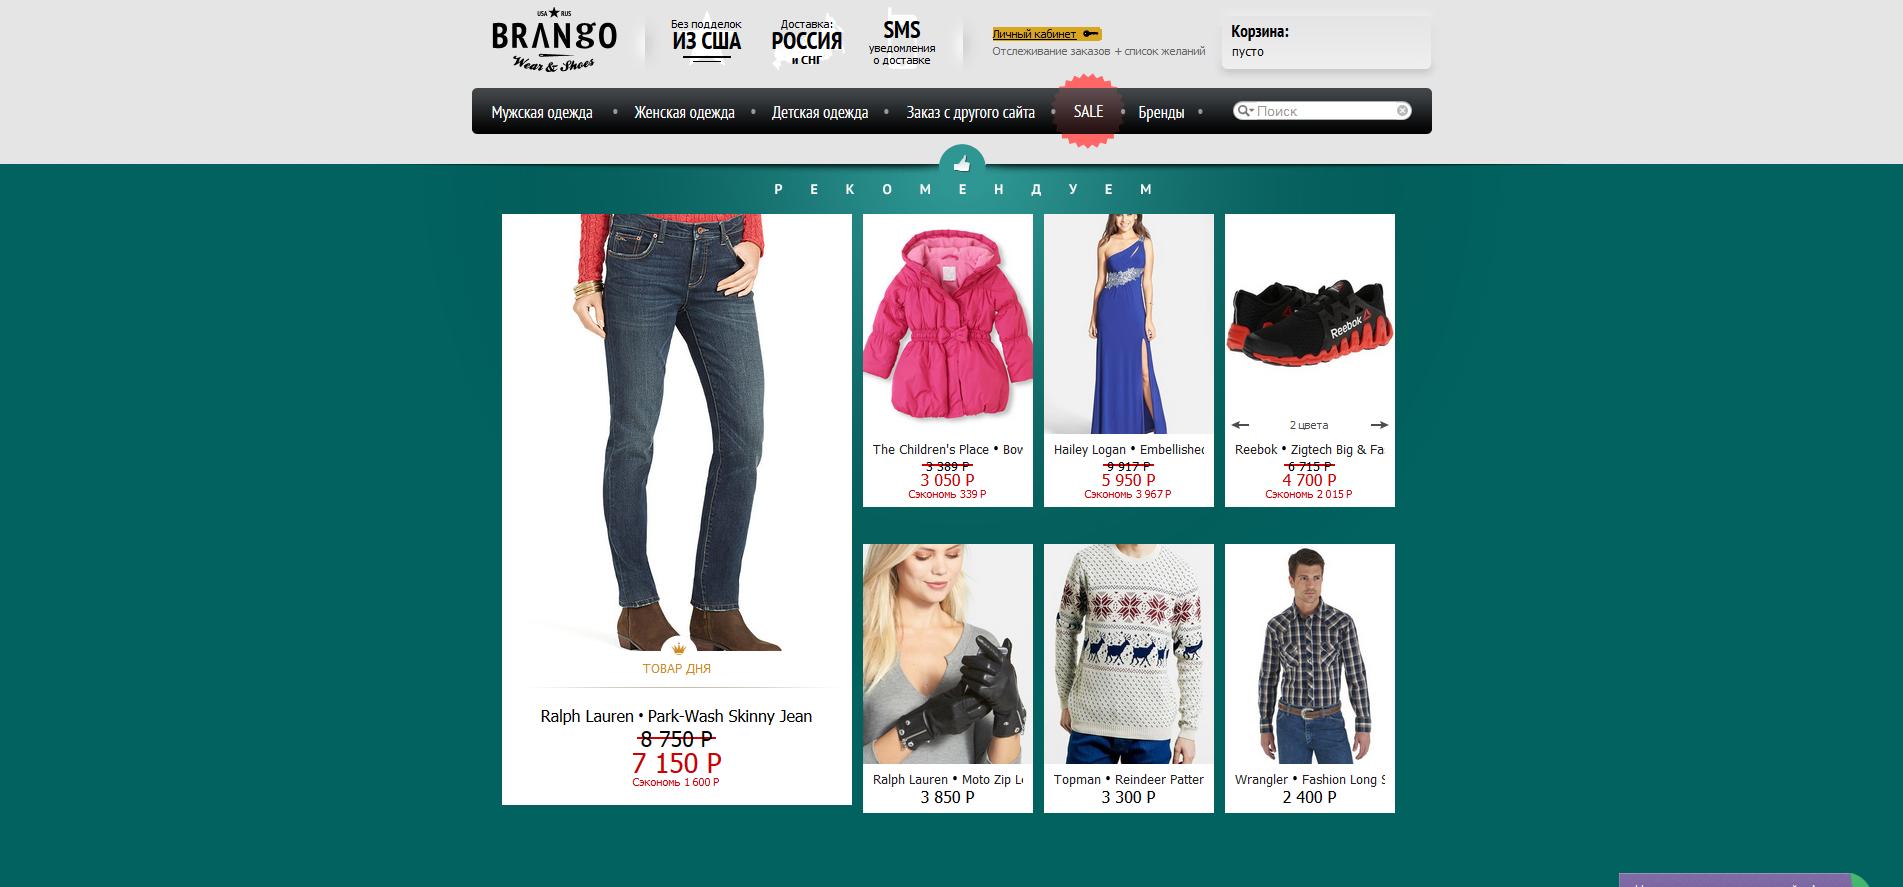 Где заказать брендовую одежду доставка